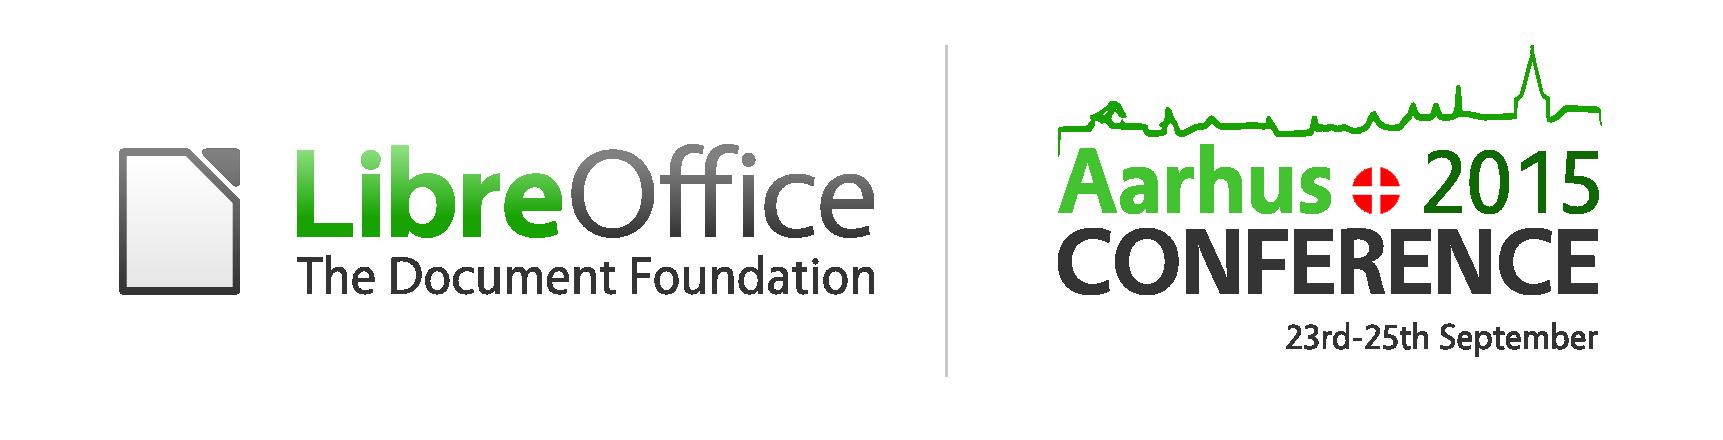 Conferência LibreOffice 2015